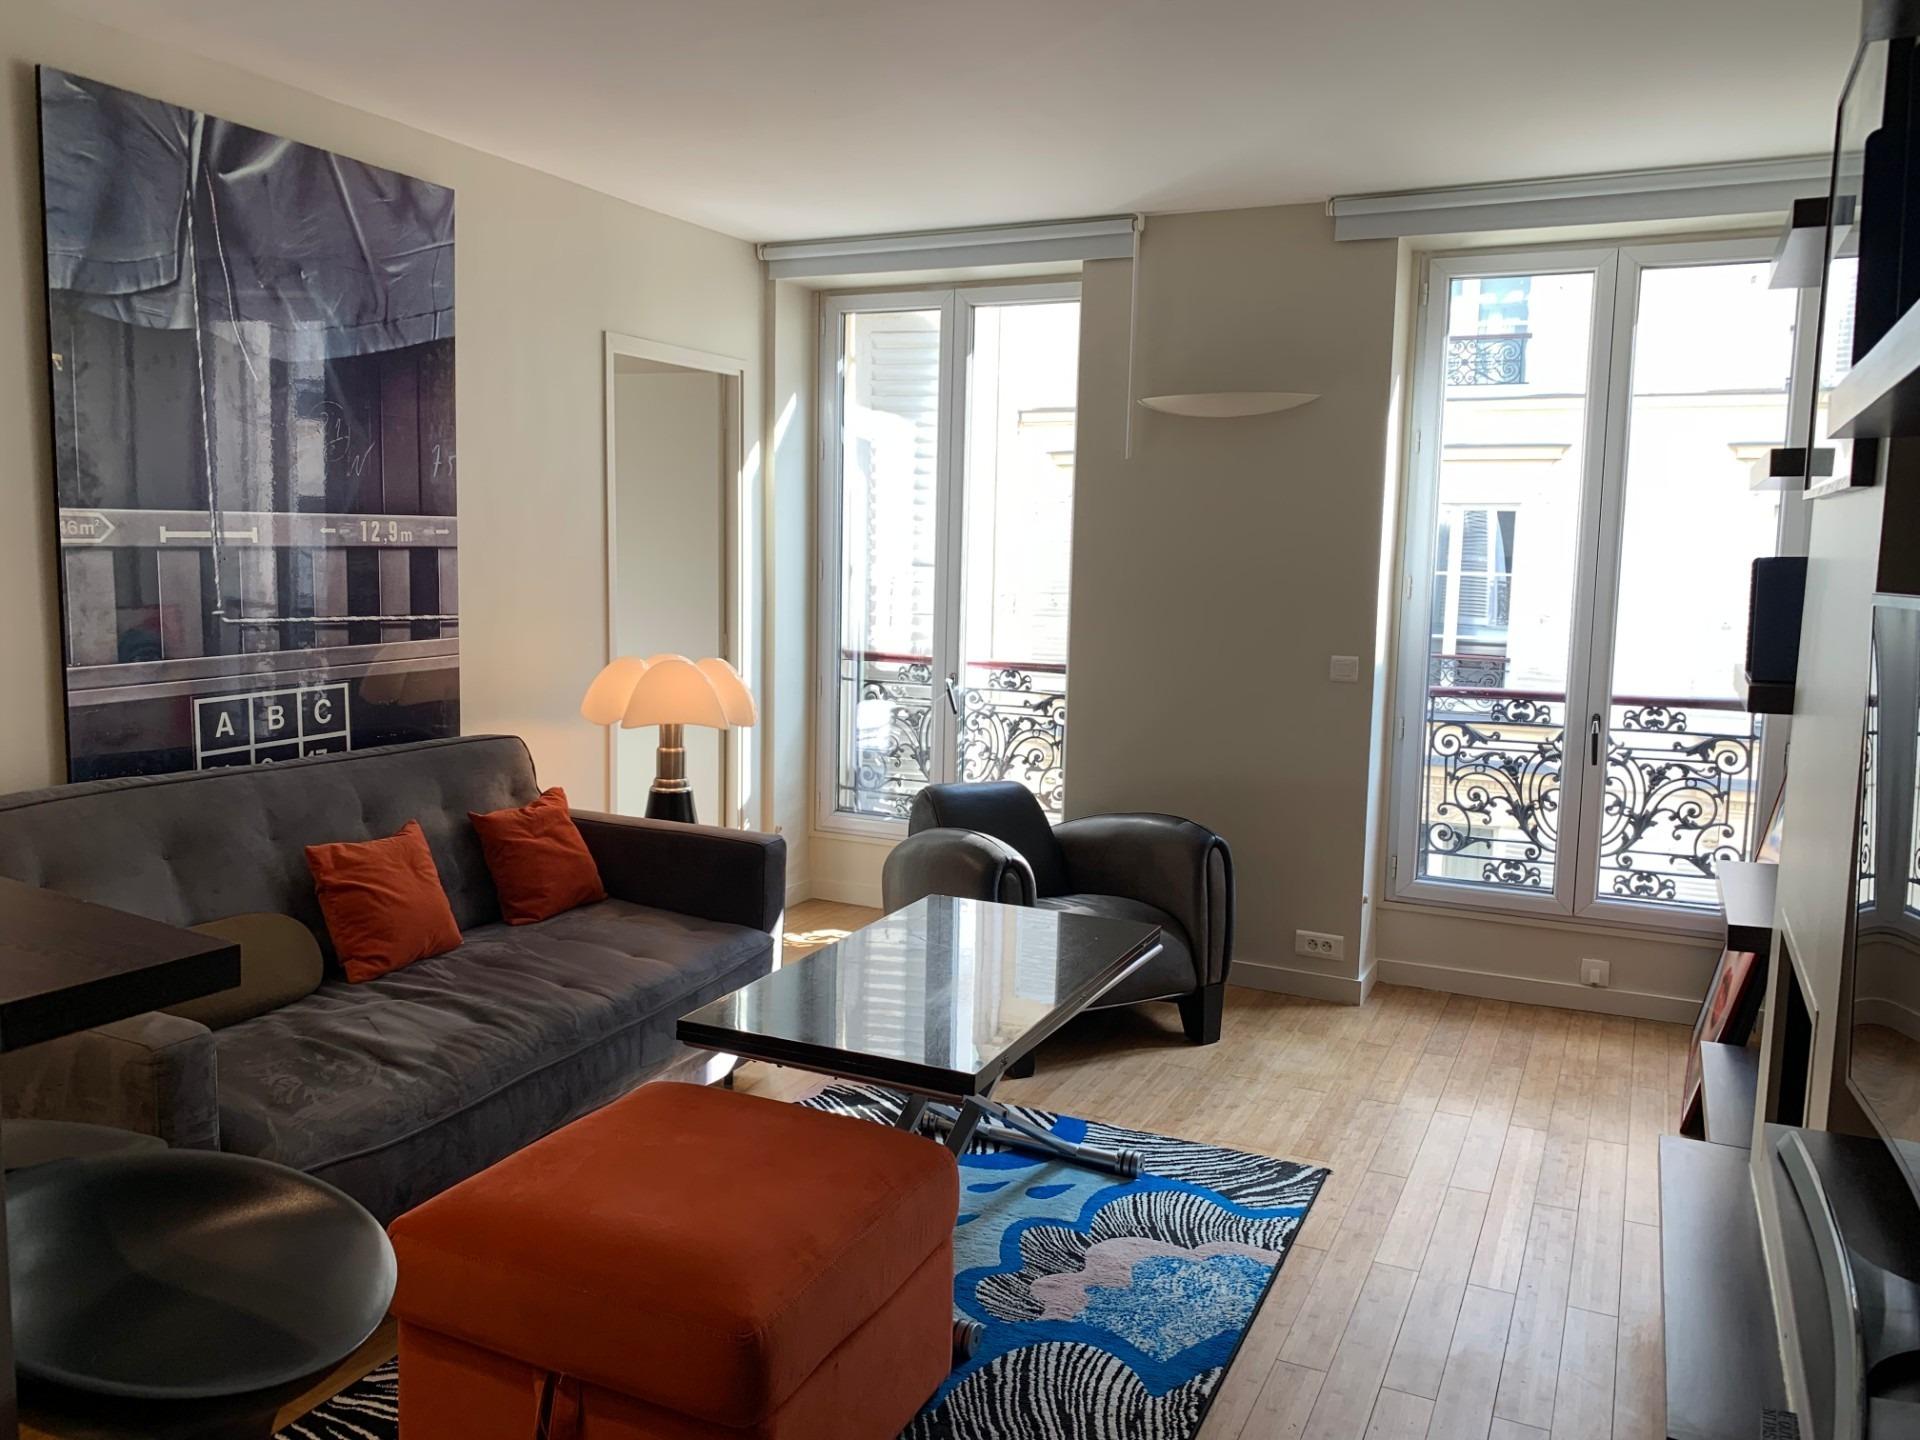 Location Appartement, 2 Pièces, 1 Chambre, Surface 36m²